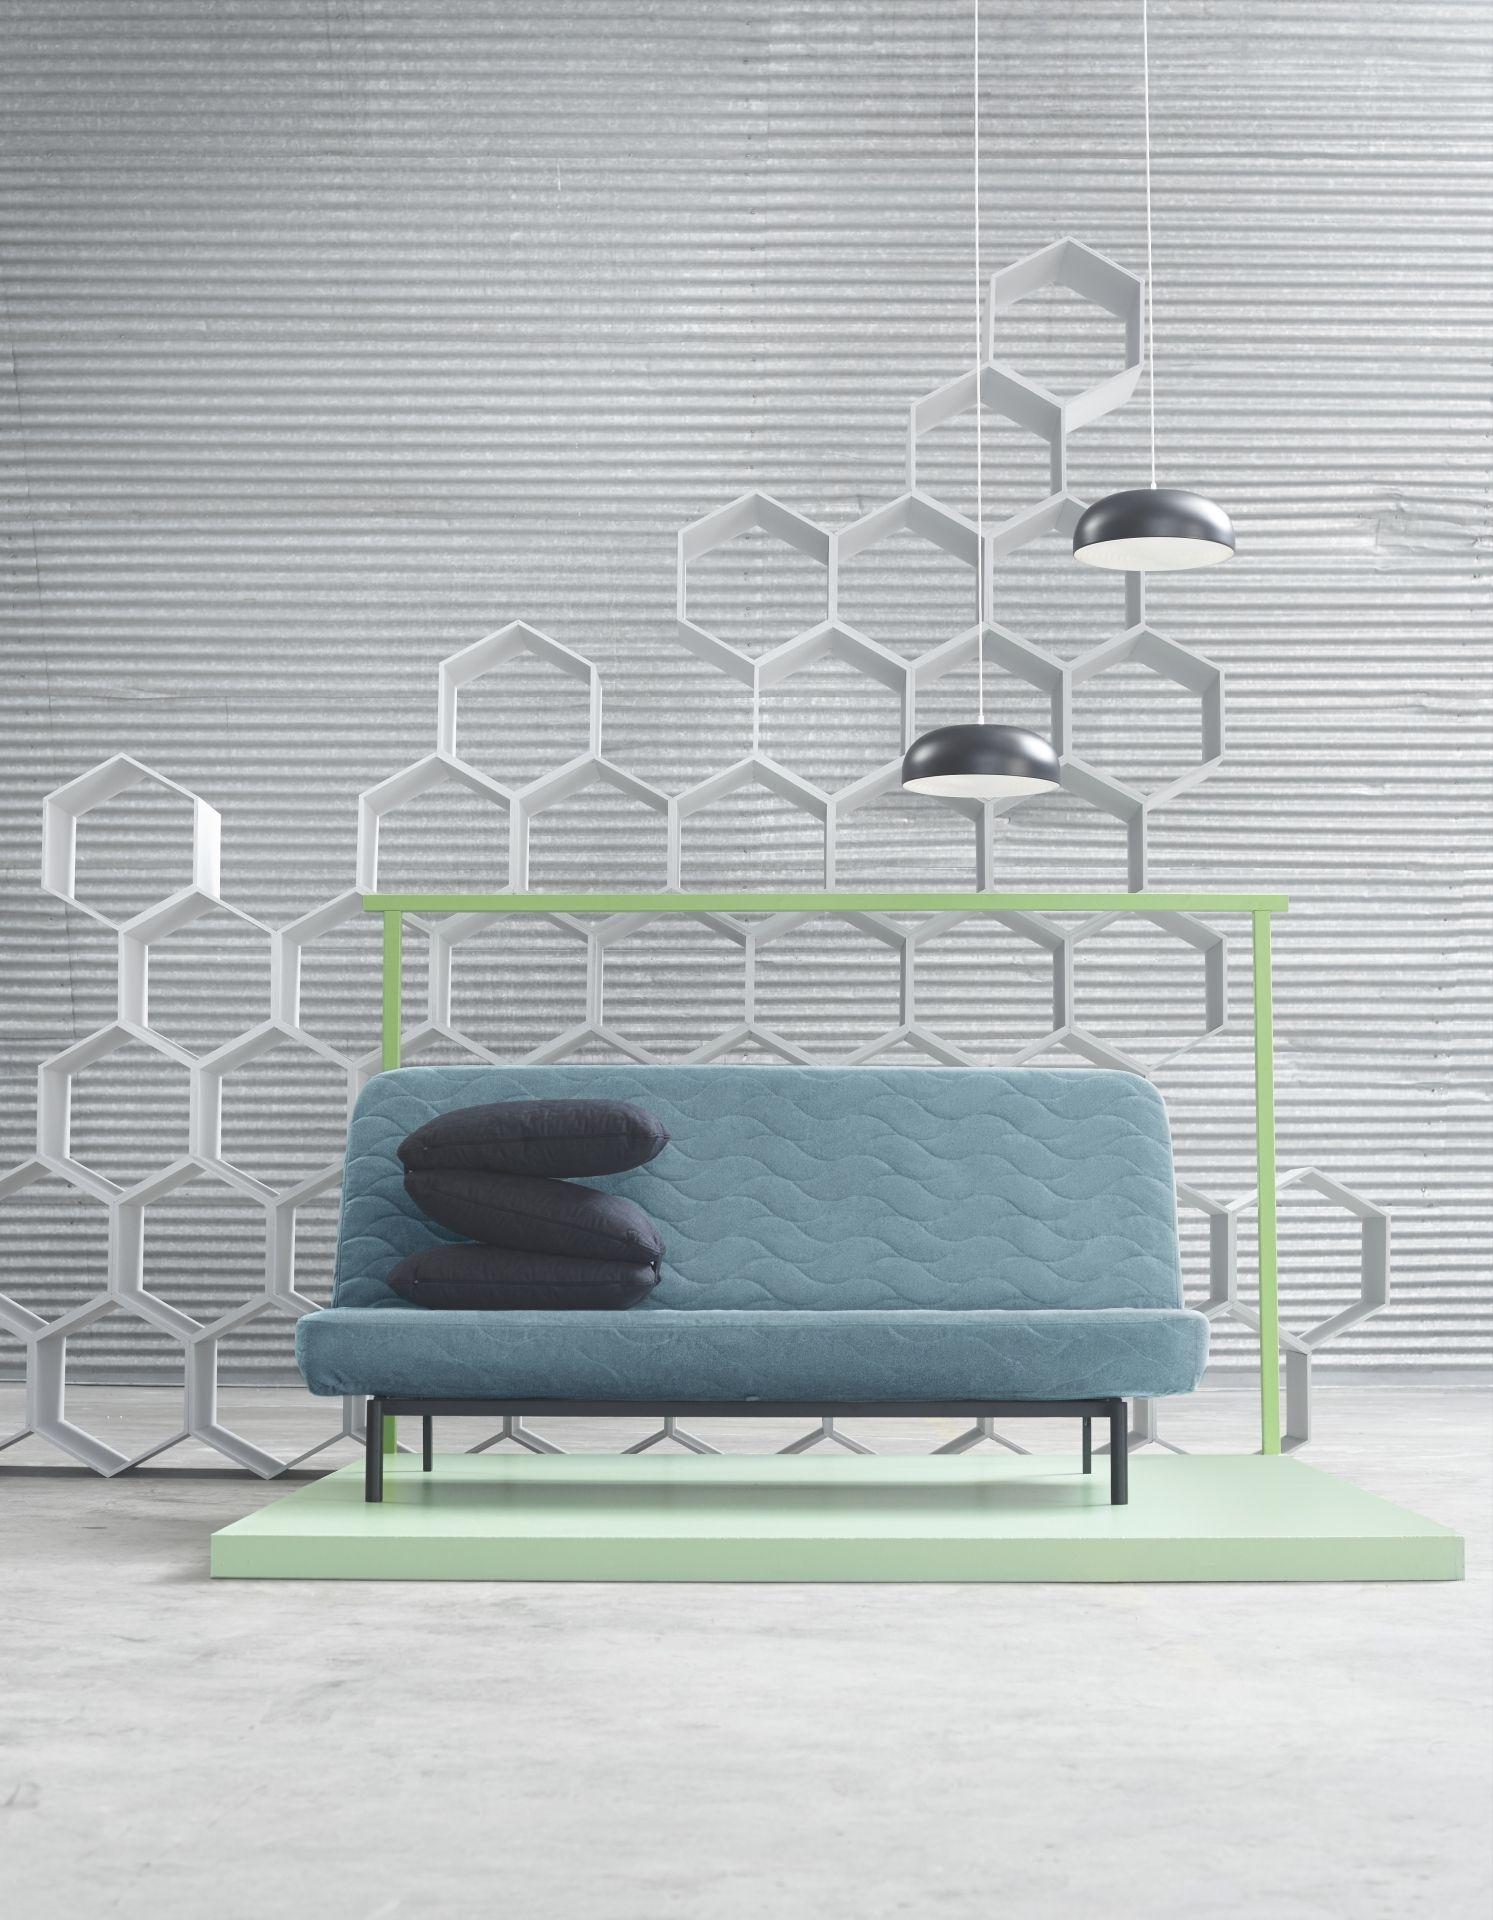 Beddinge Bedbank Ikea.Nederland Slaapbank Ikea En Home Decor